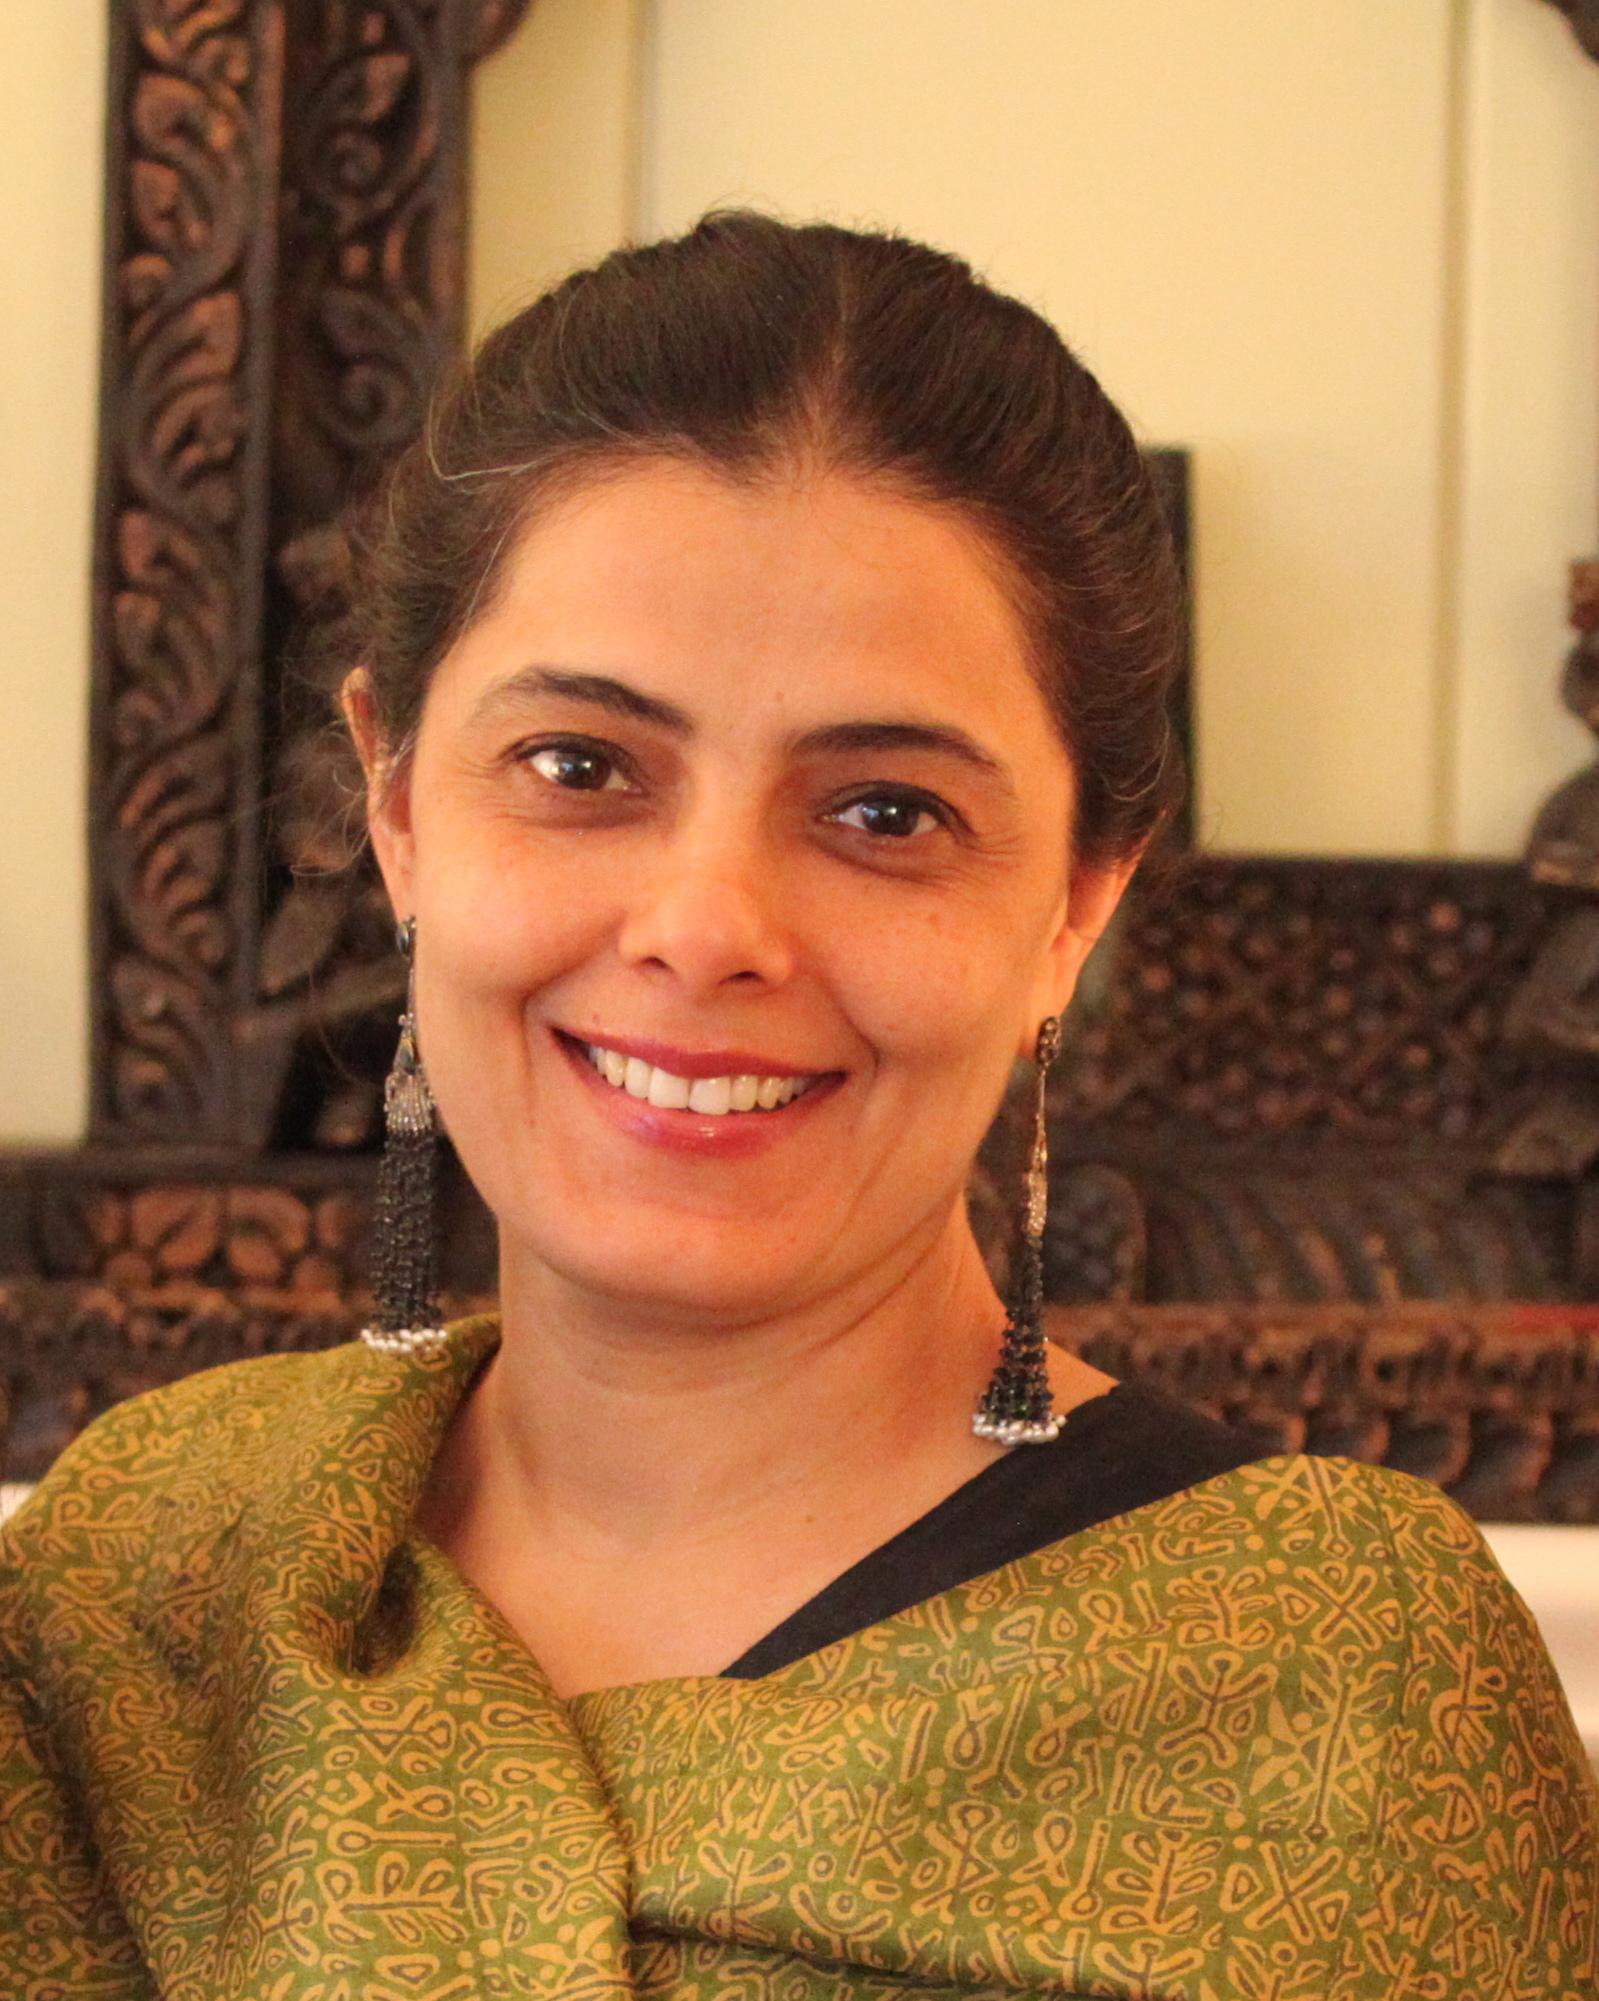 Harsohena Kaur